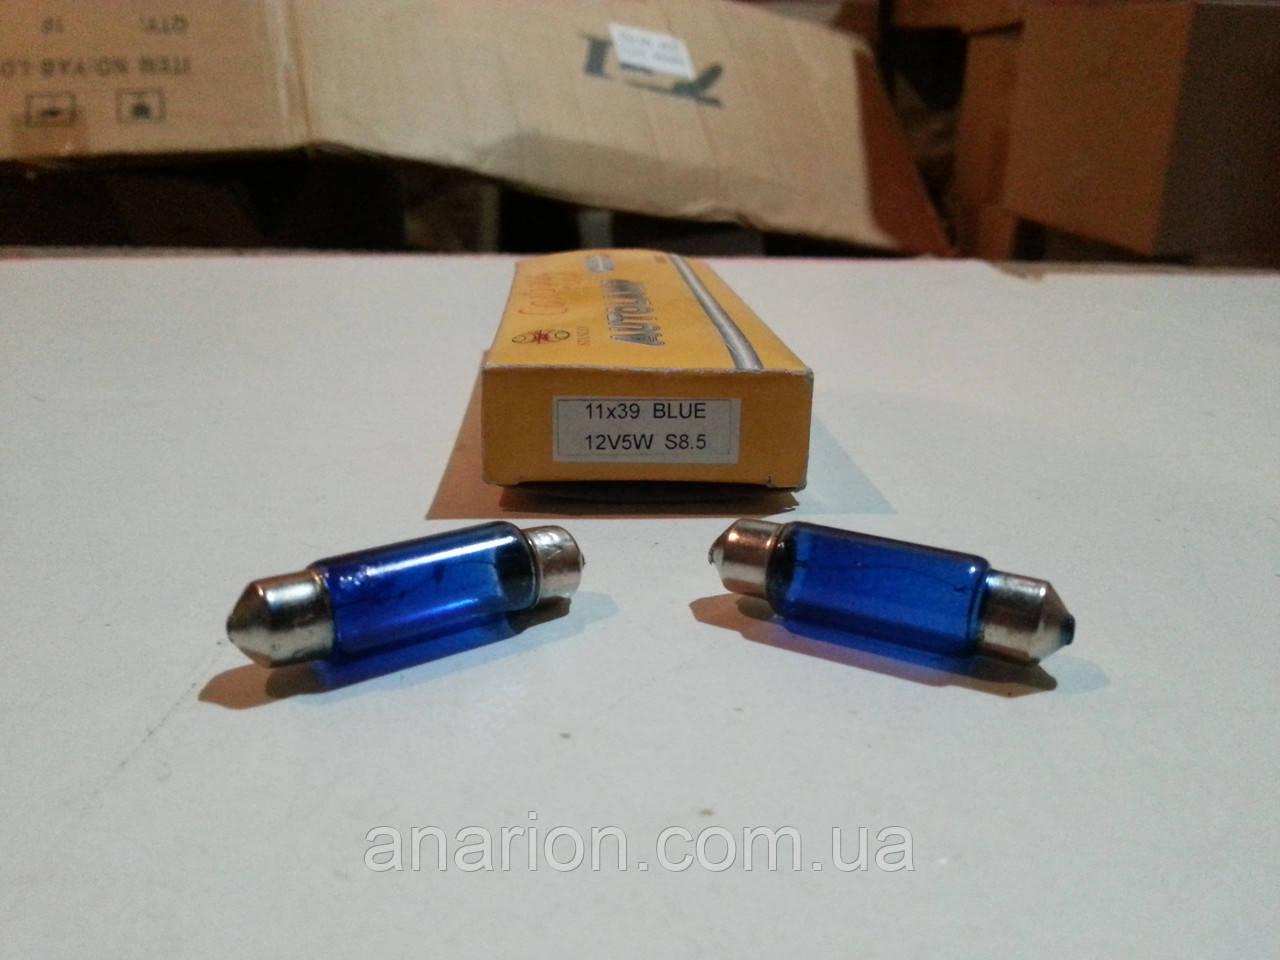 Лампа C5W (синяя) для подсветки номера или салона.2 шт.